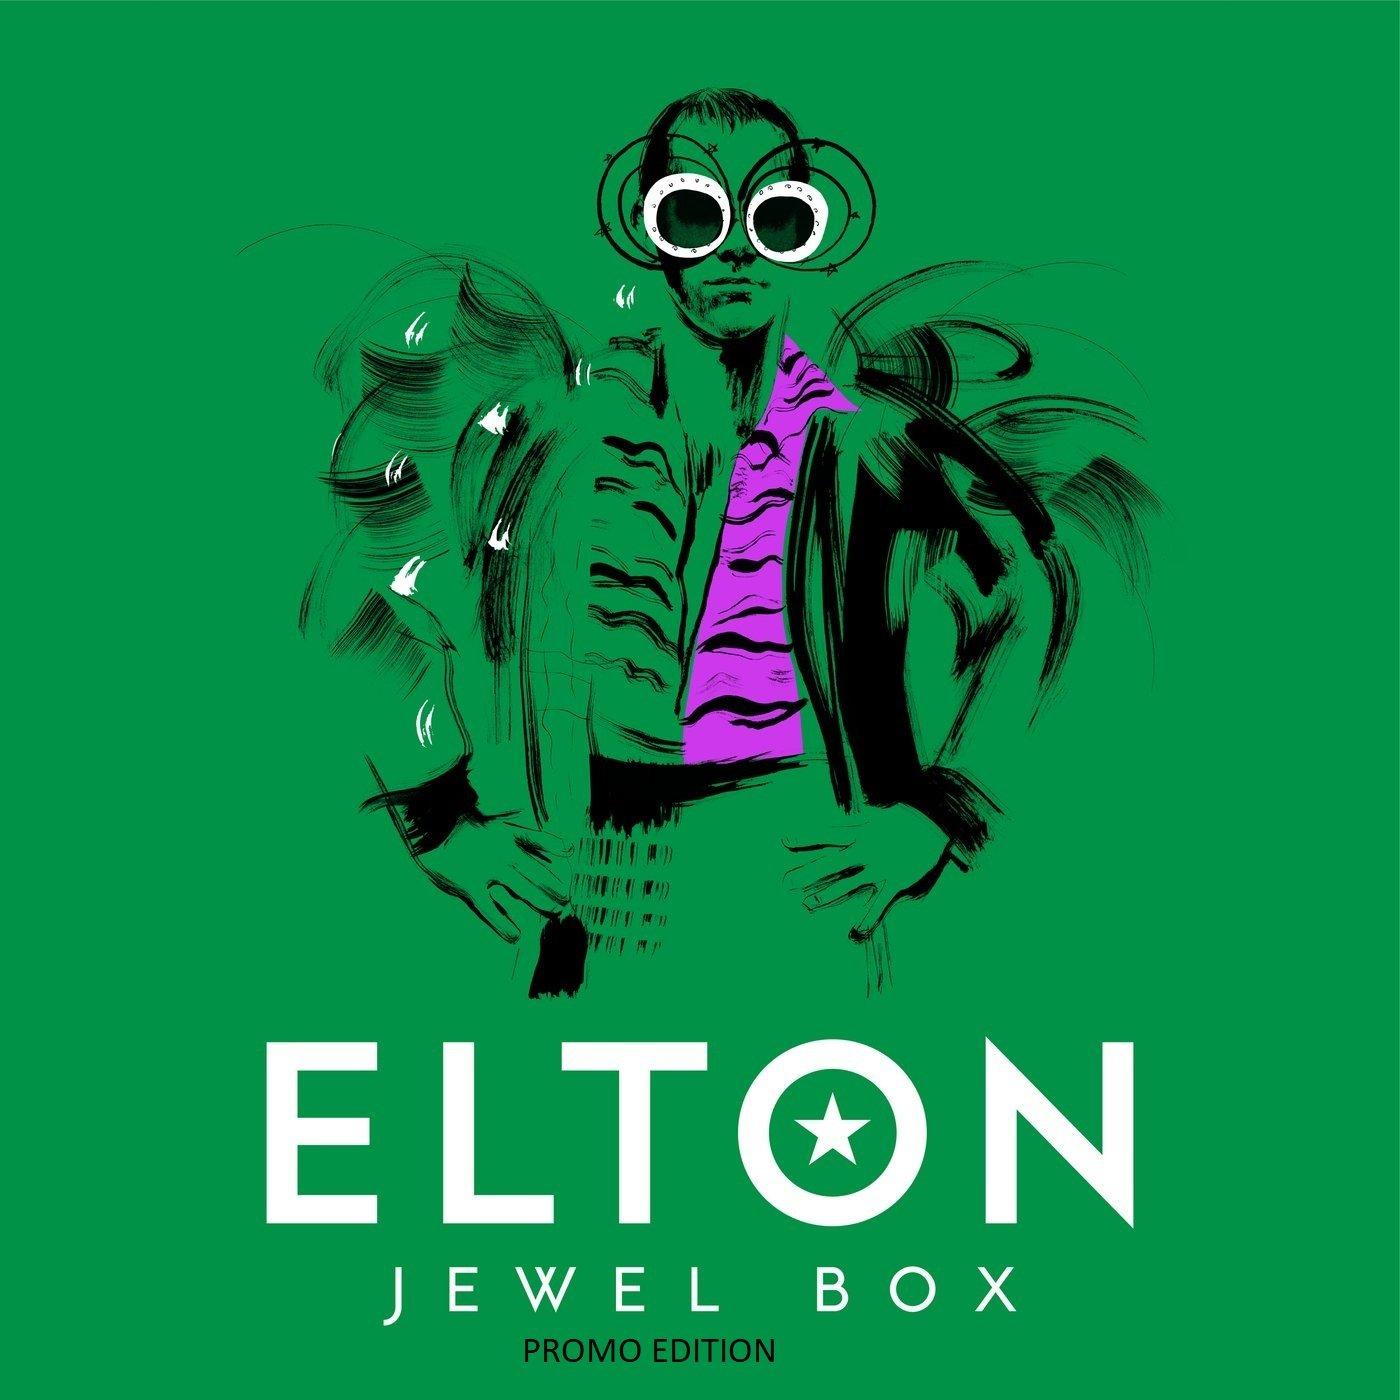 Elton John - Jewel (2020) 8CD Promo